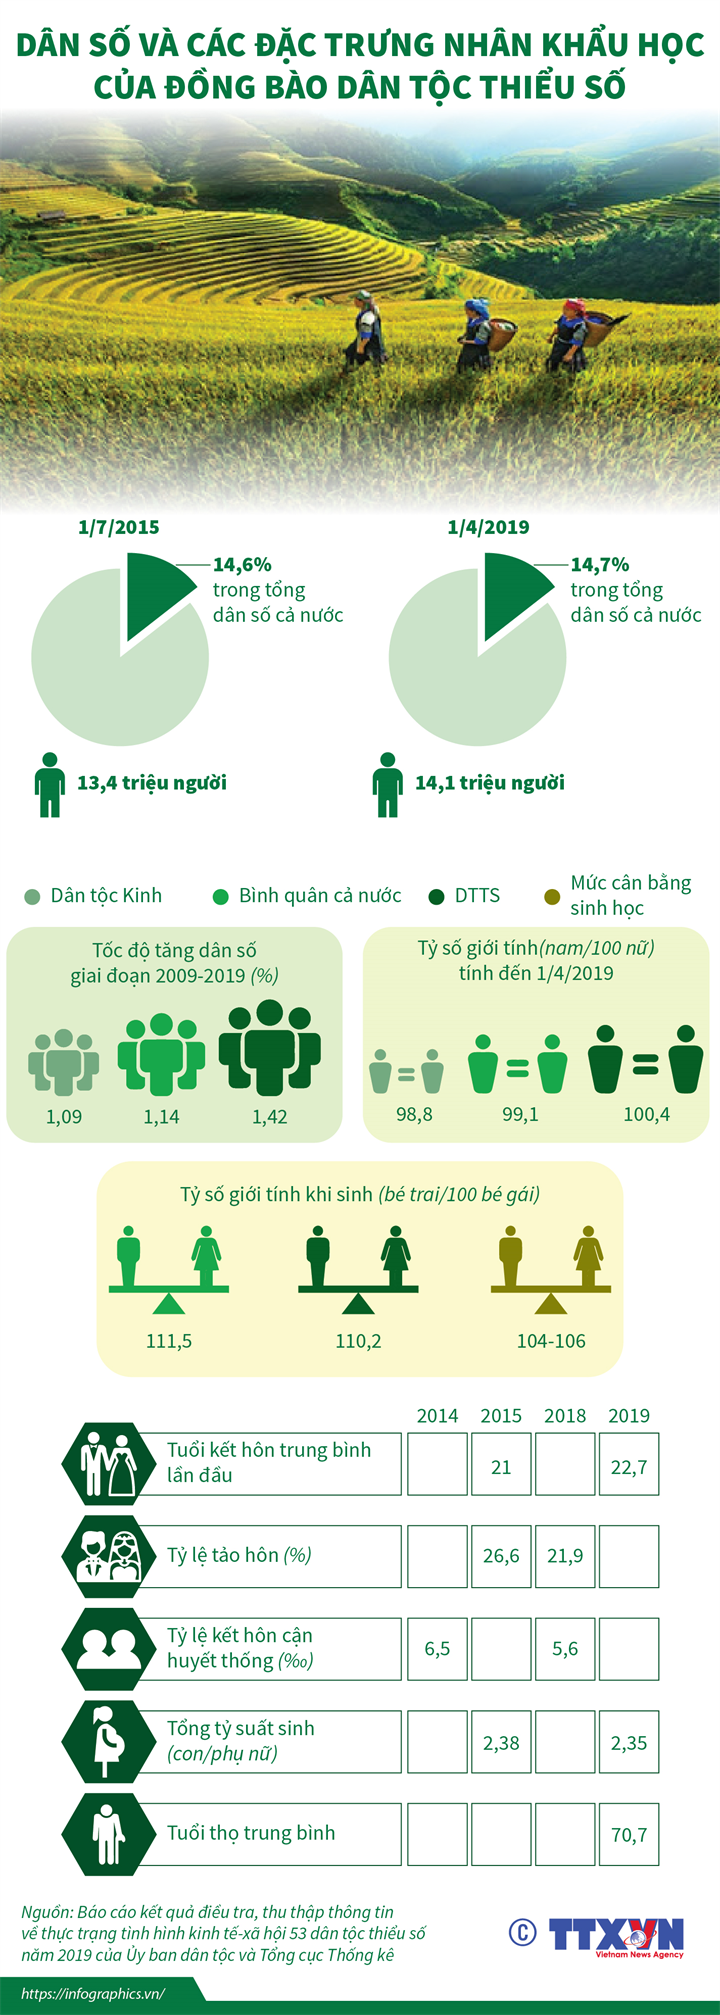 Dân số và các đặc trưng nhân khẩu học của đồng bào dân tộc thiểu số